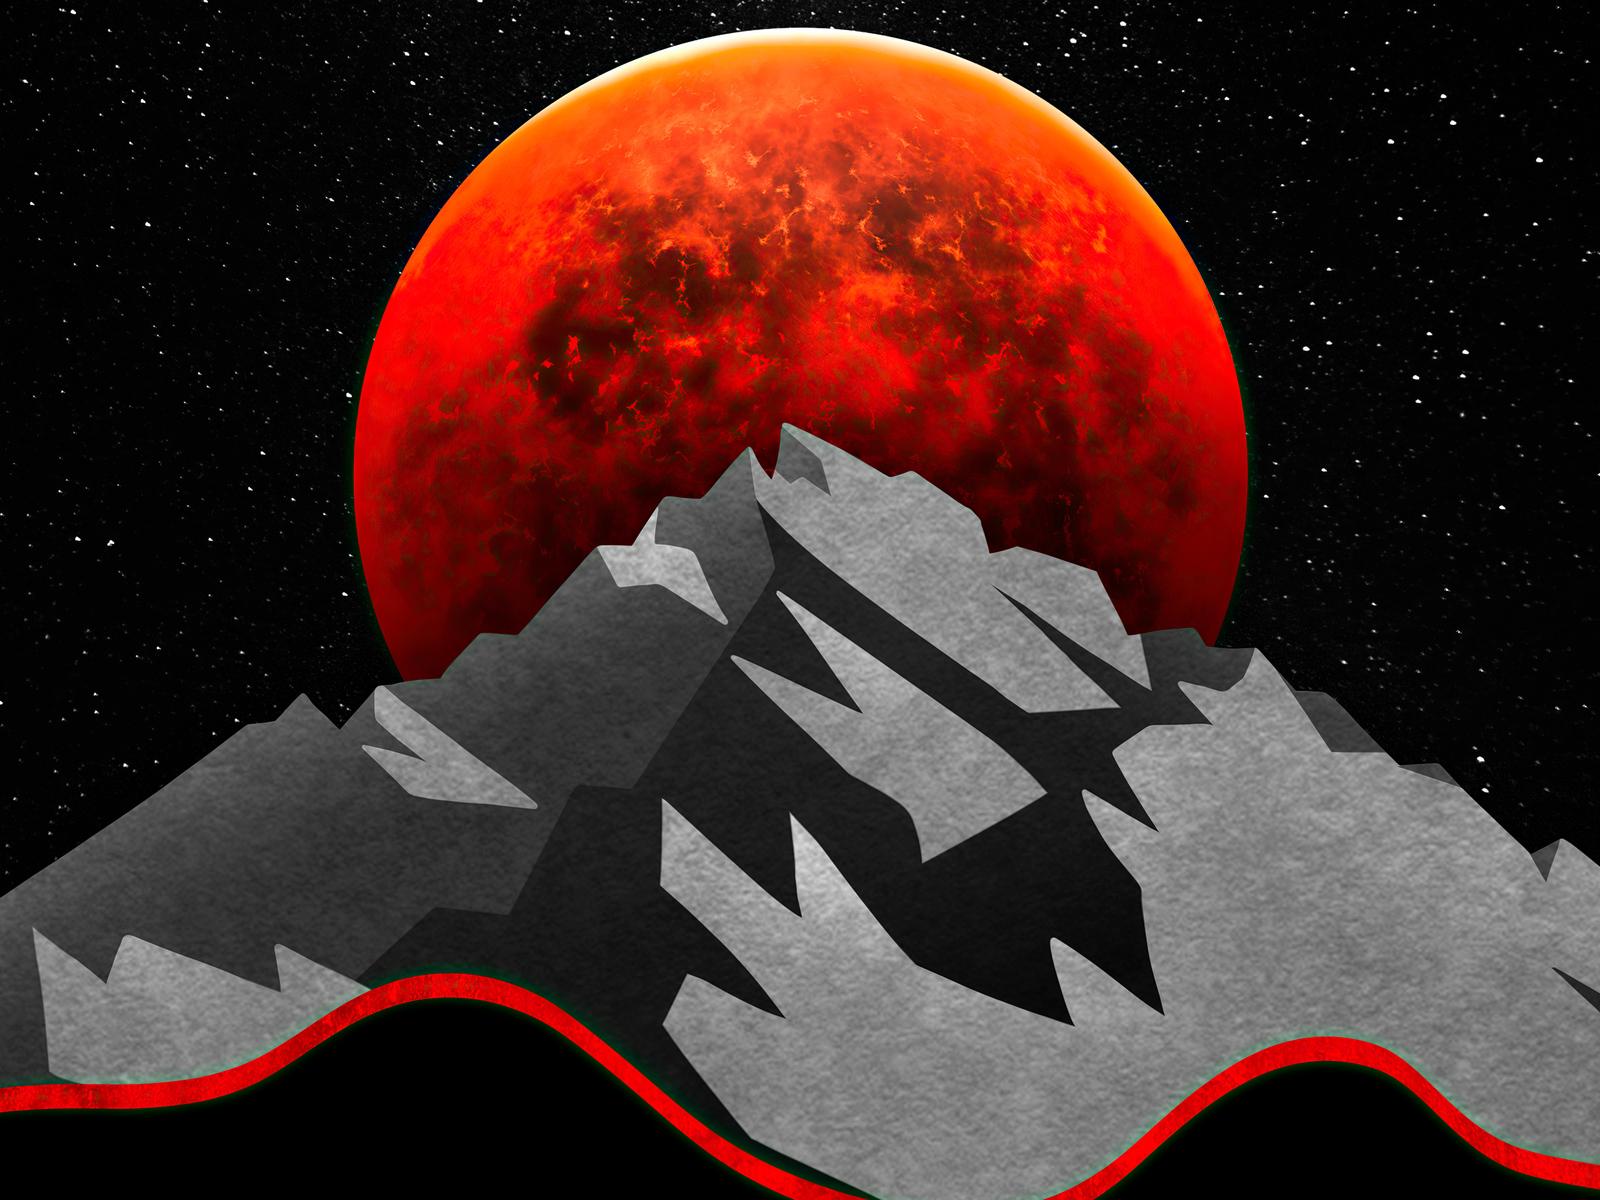 red-sun-between-mountains-minimal-5k-5b.jpg